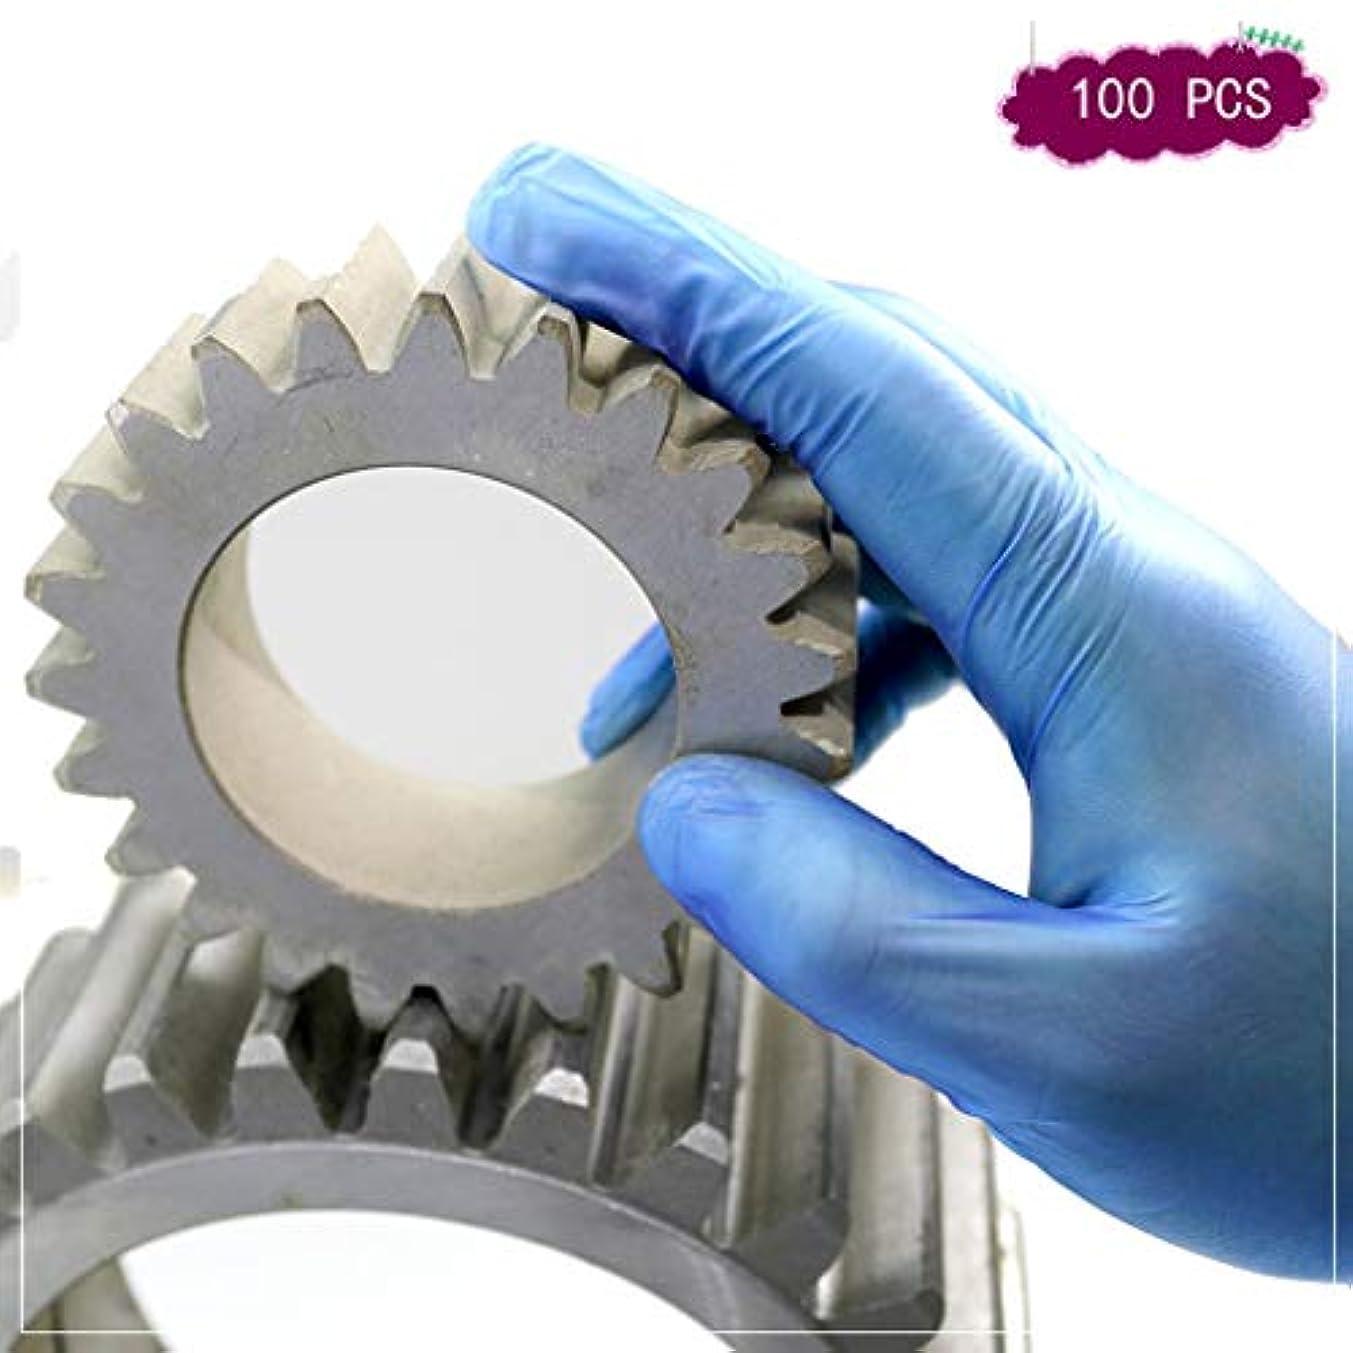 局ウガンダ解説使い捨てラテックス手袋工業用グレードPVC手袋帯電防止パウダーフリーの光沢9インチアンチ油 (Color : 9 inch, Size : XL)